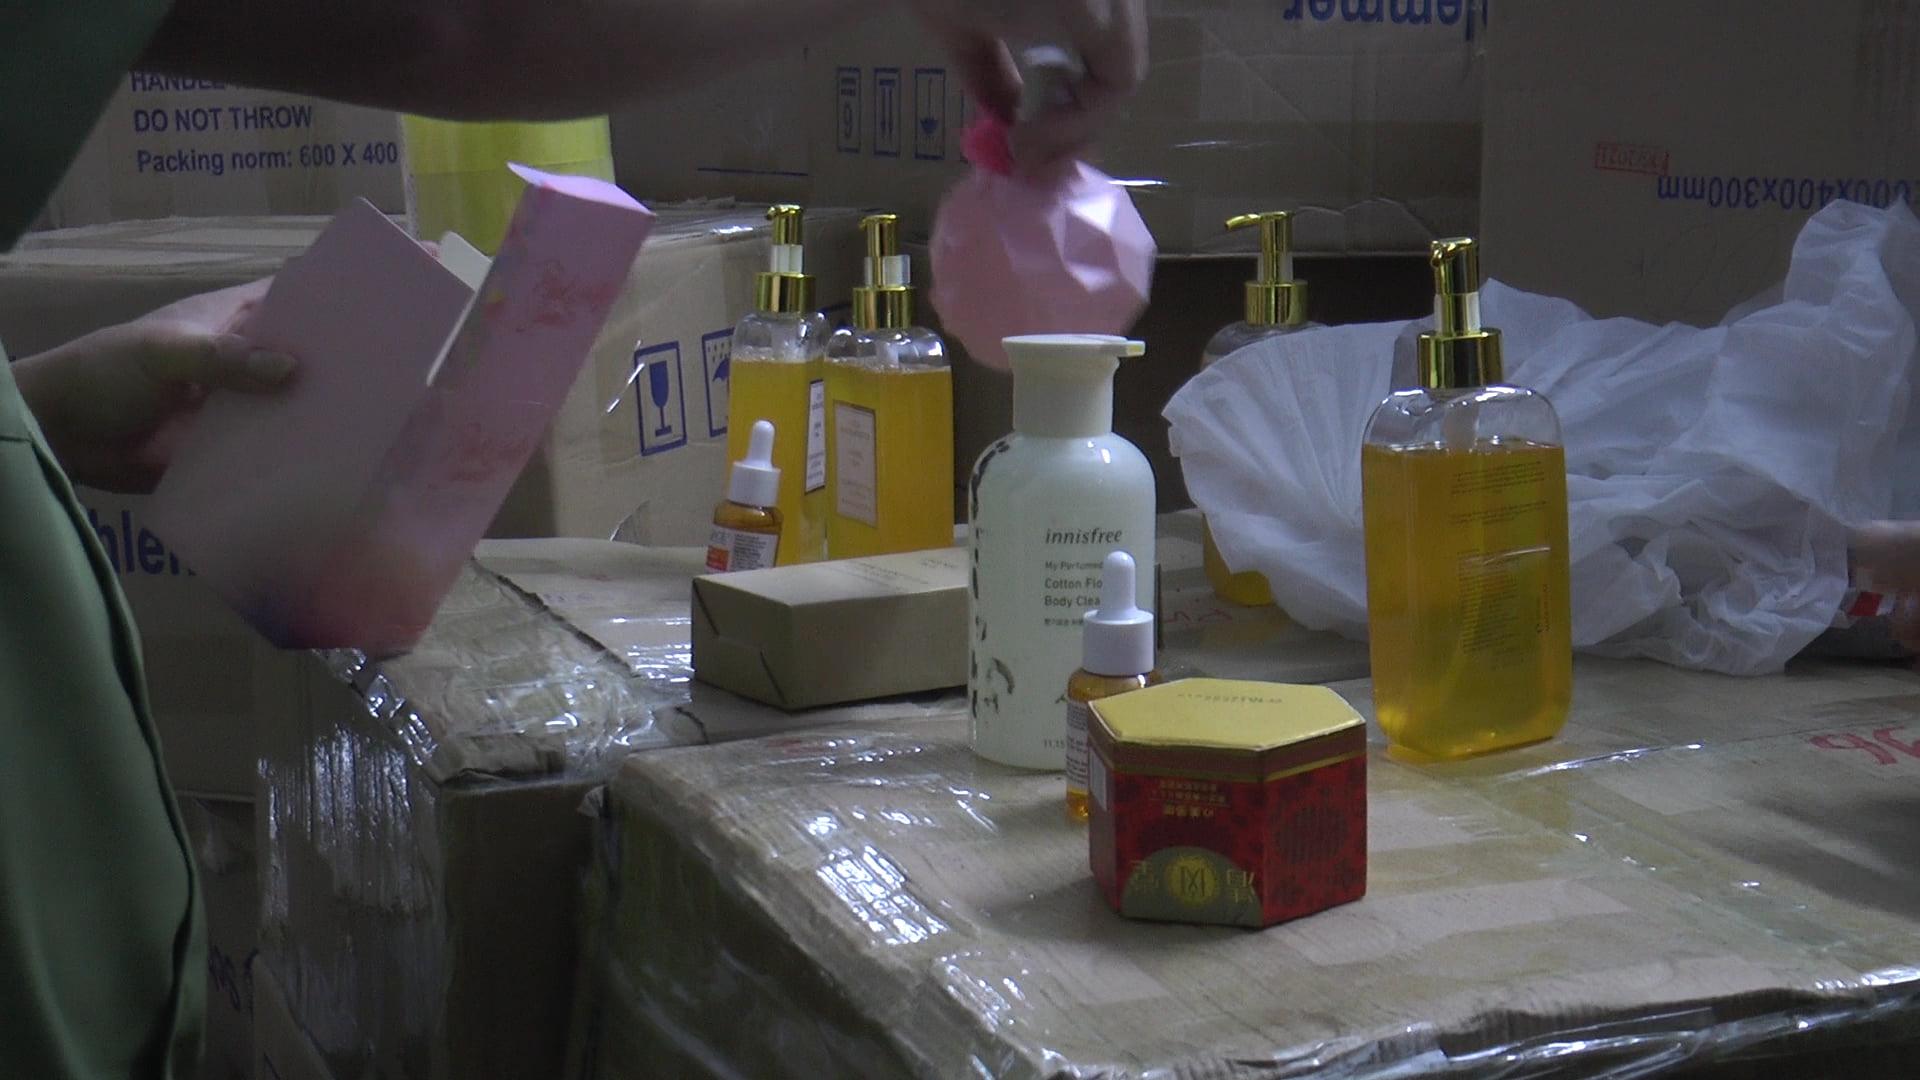 Đột kích nhà 3 tầng trong đêm, thu giữ gần 10000 chai, lọ sữa tắm mỹ phẩm không rõ nguồn gốc - Ảnh 8.